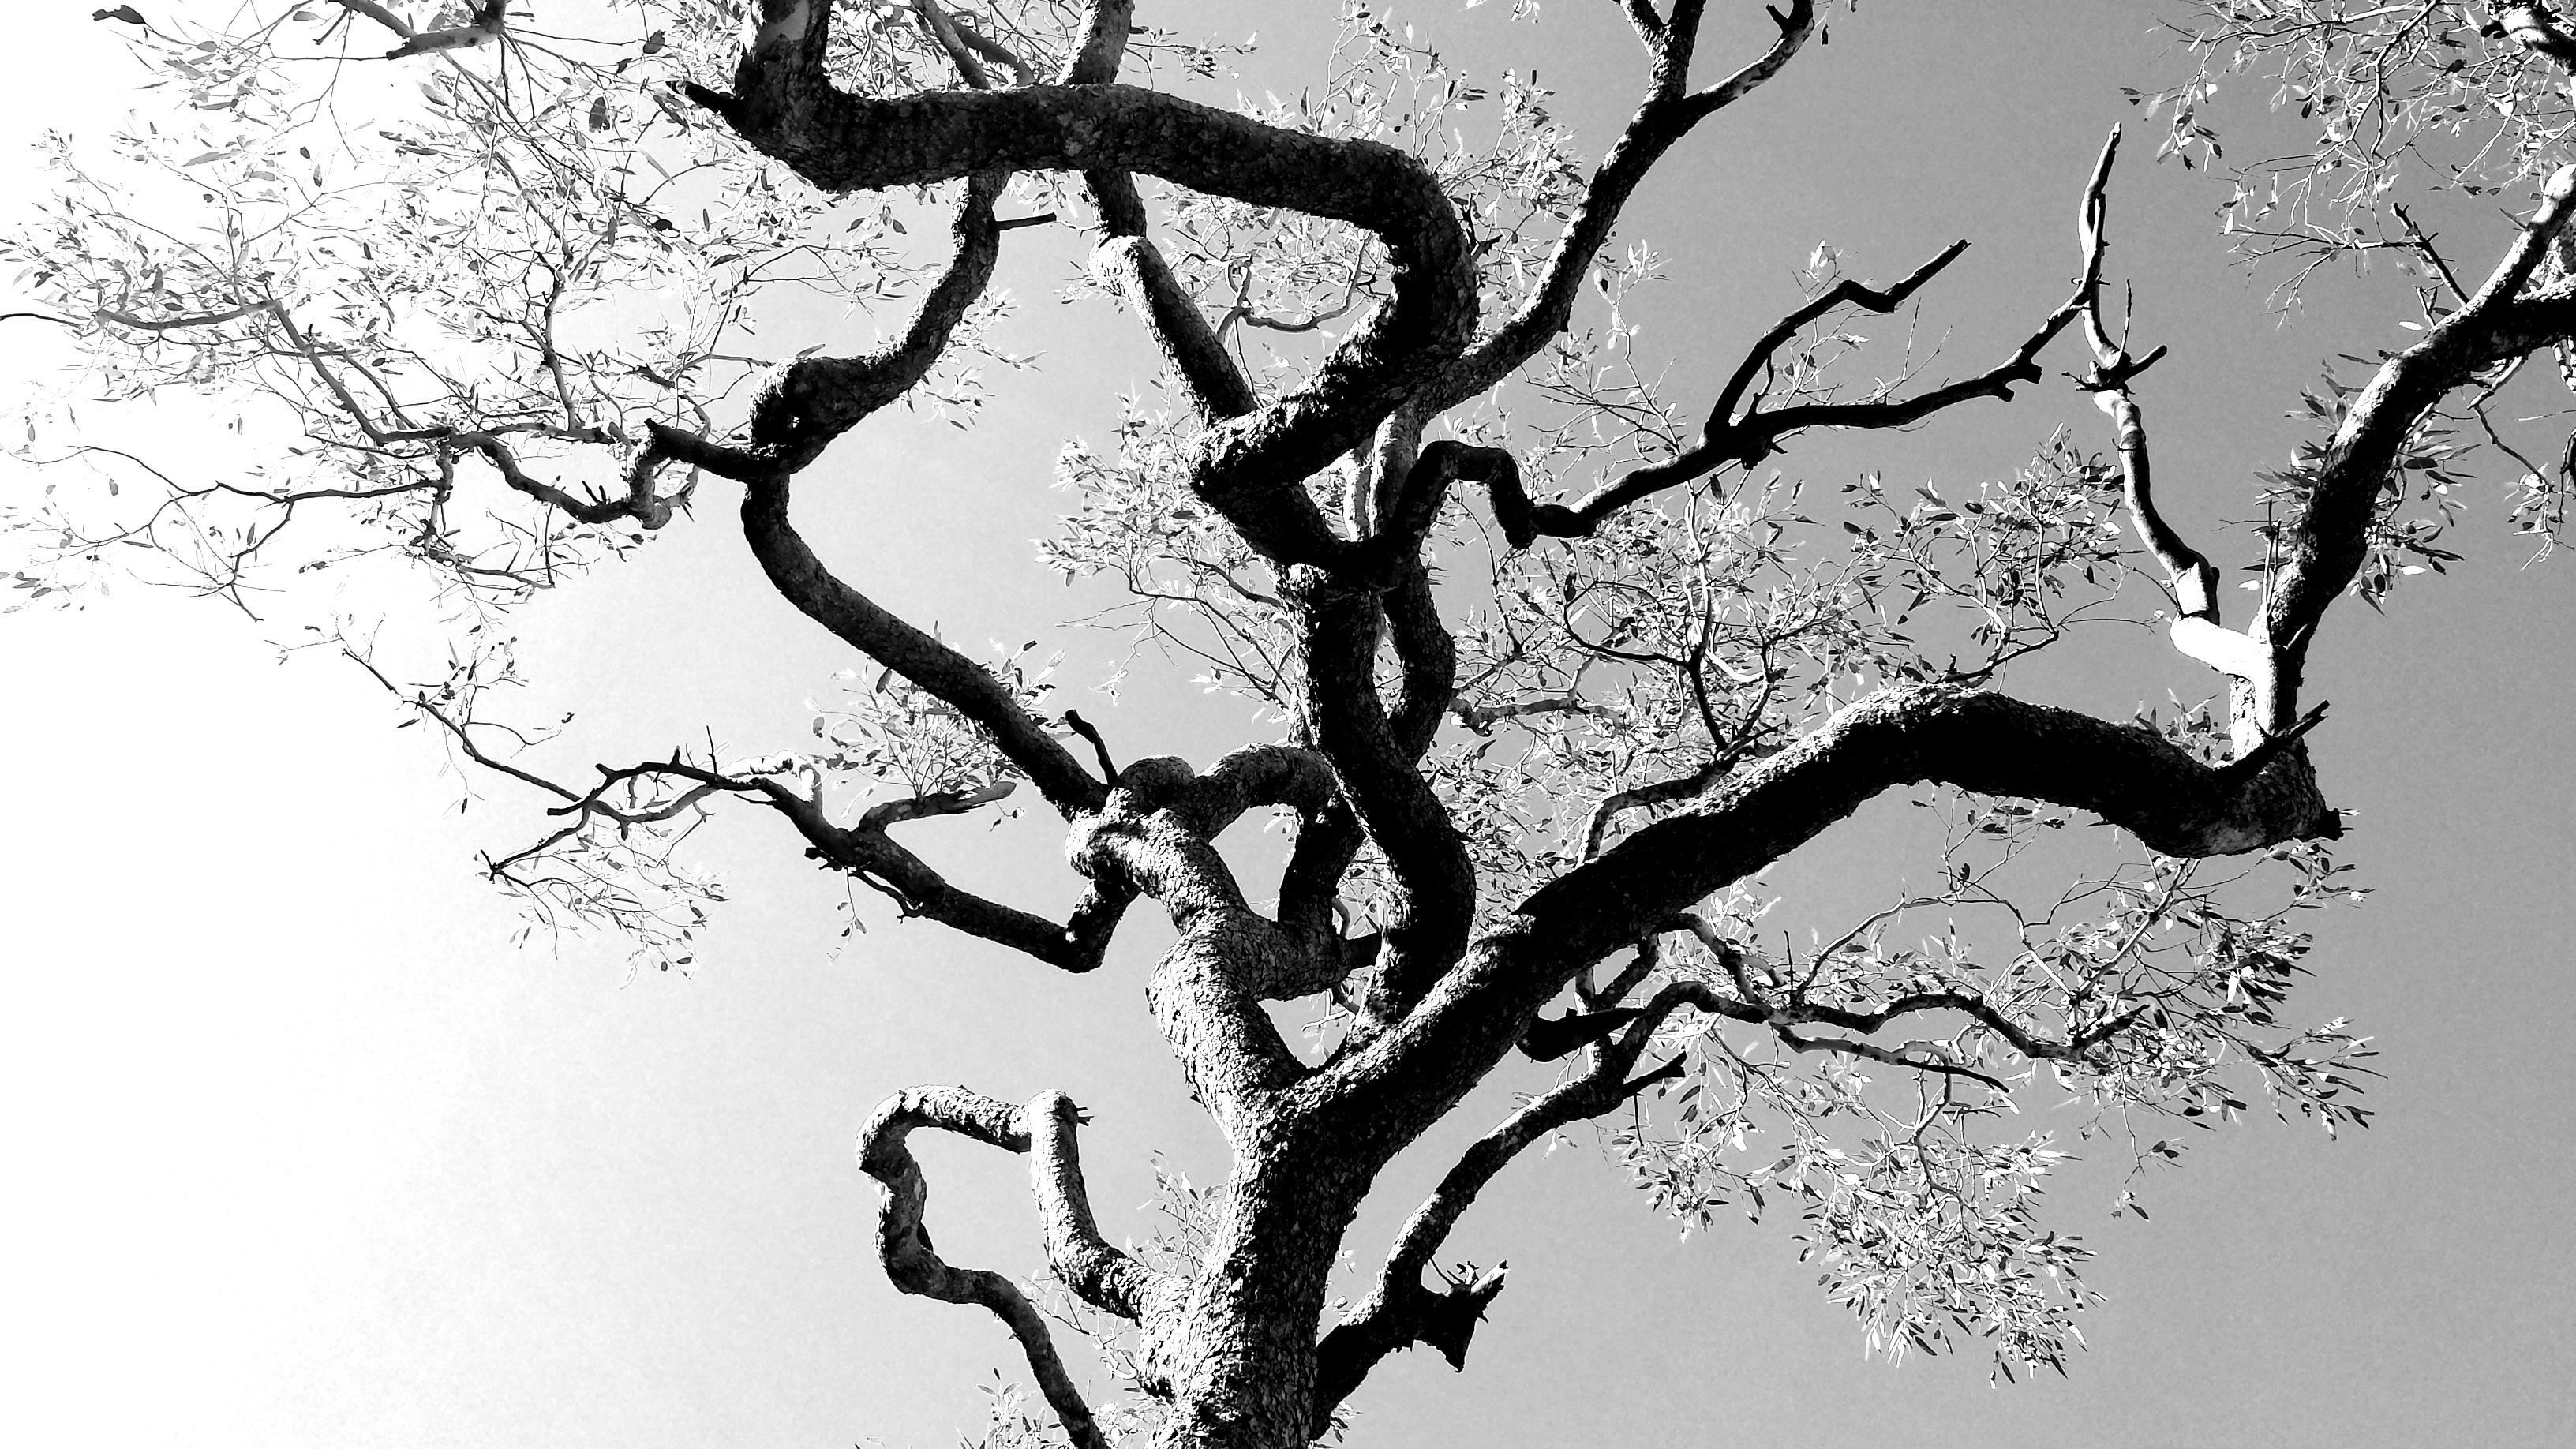 Gambar Pohon Cabang Bayangan Hitam Hitam Dan Putih Menanam